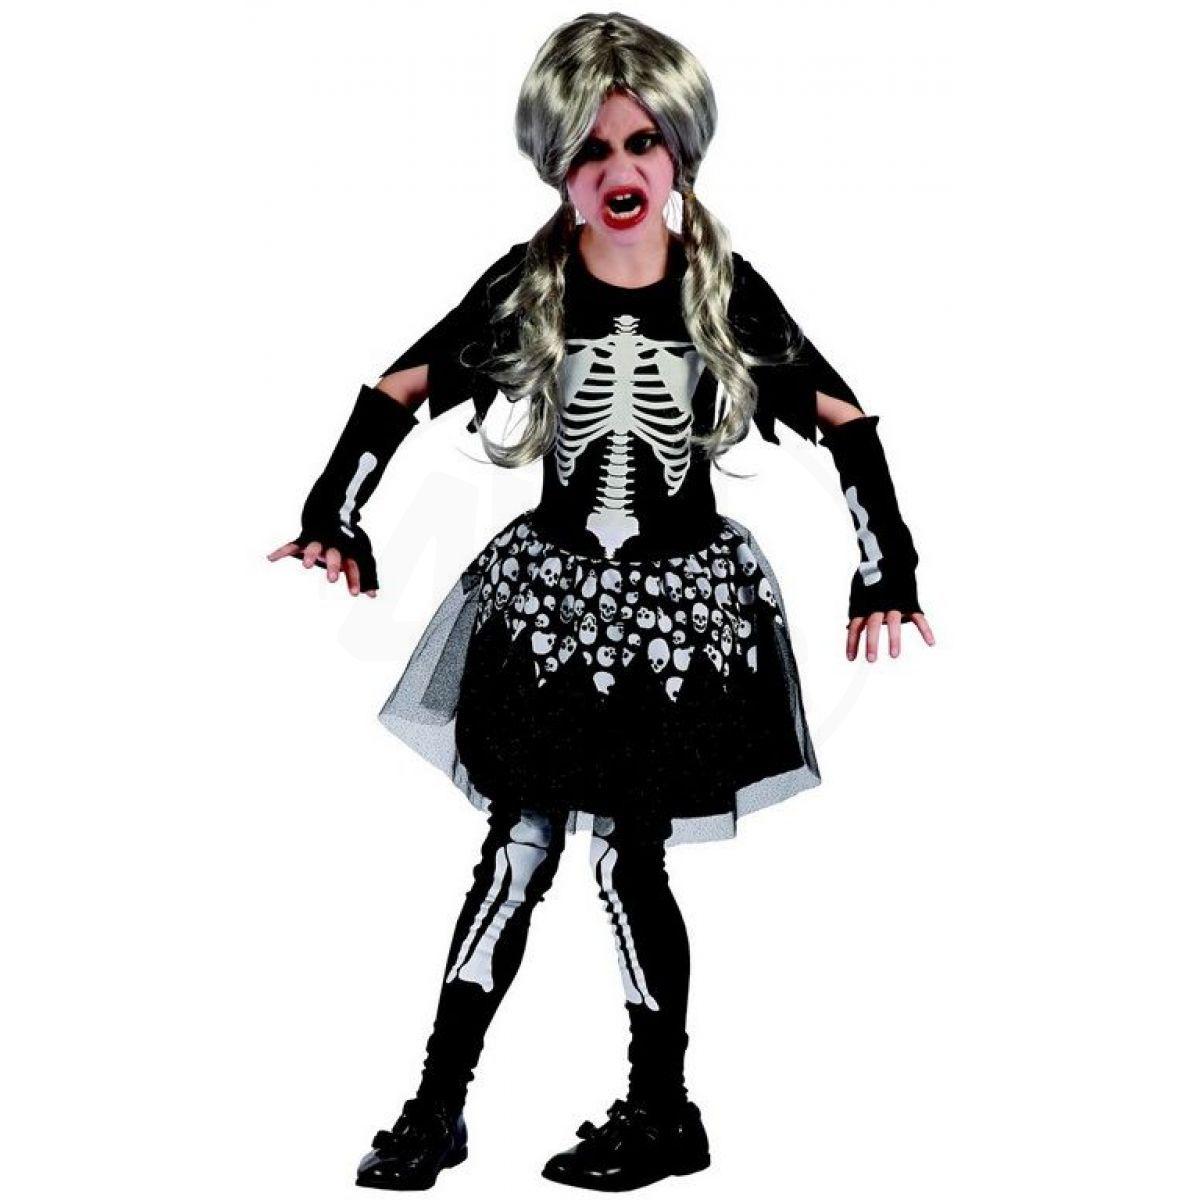 Made Dětský karnevalový kostým Kostra dívka 120 - 130 cm d5ddf92c0df